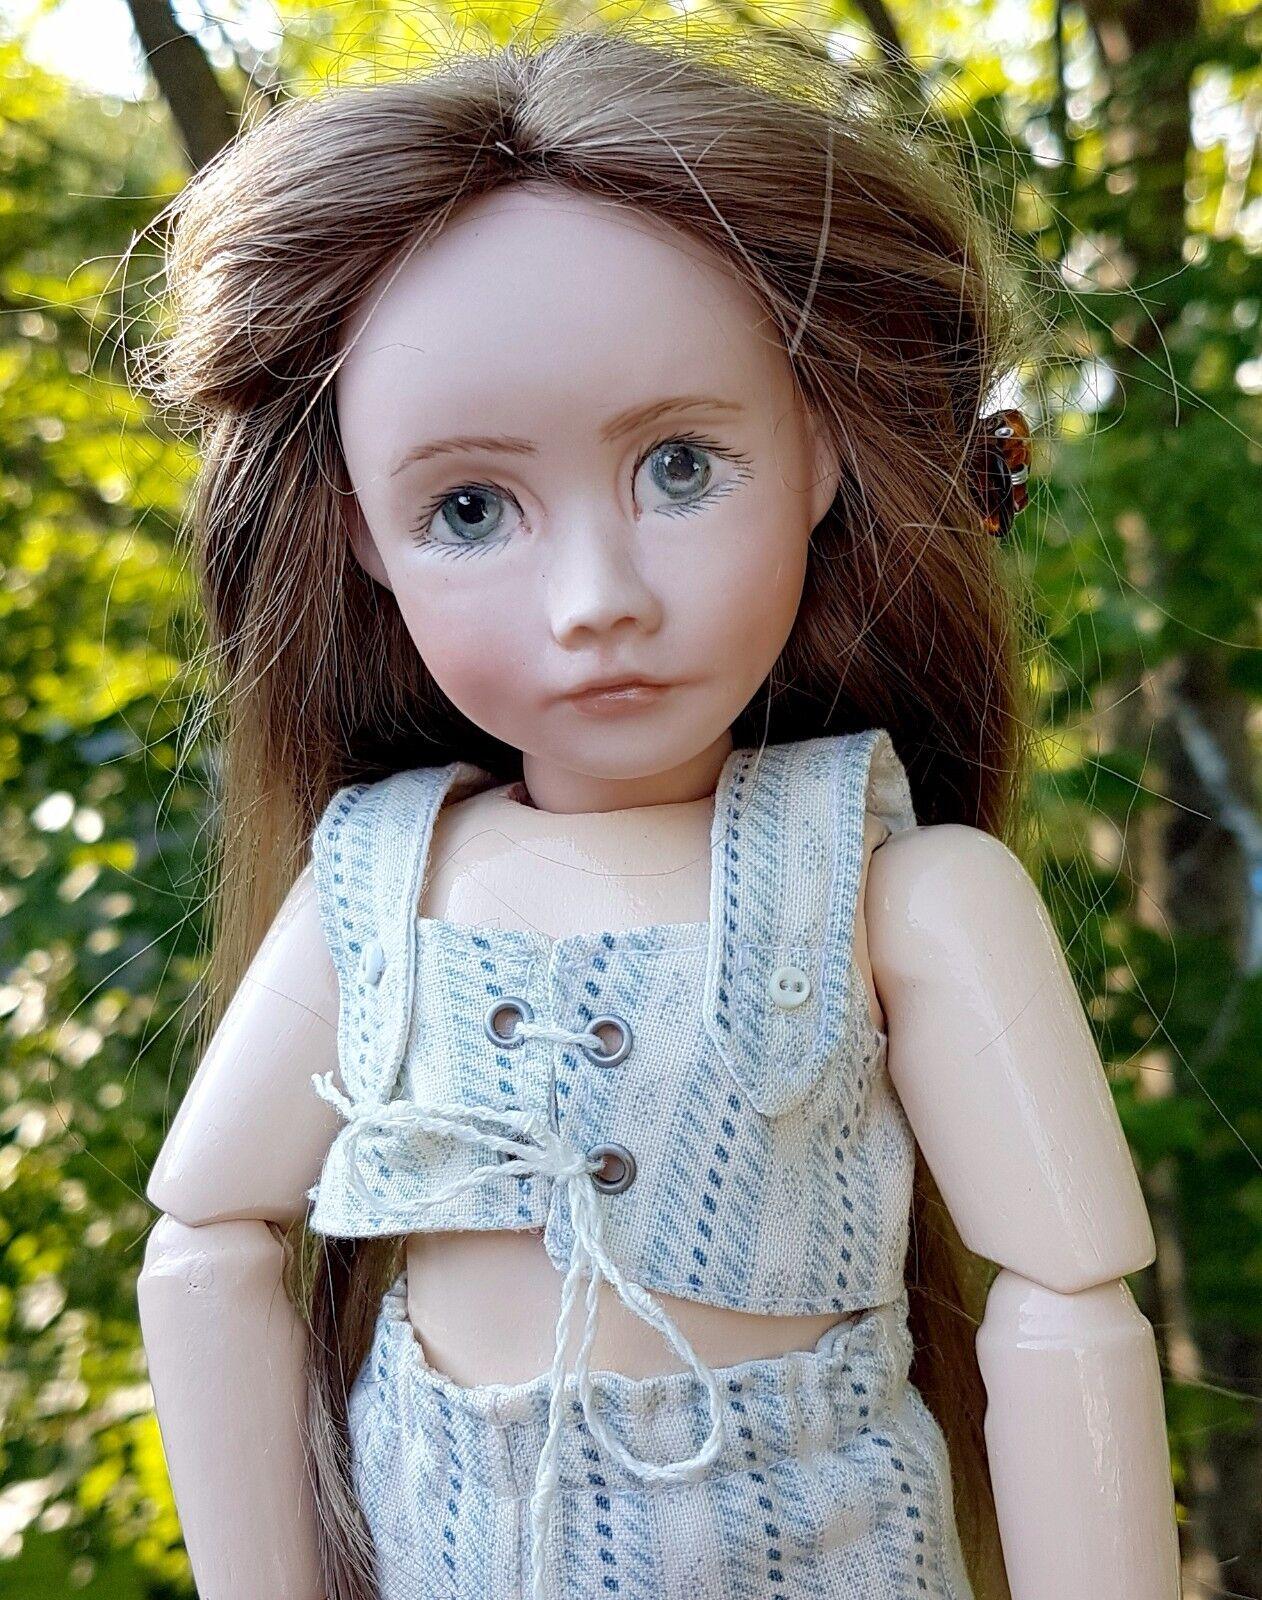 Uno de una tipo muñeca de cuerpo de madera de composición Misty promotora bjd articulado Hermoso Mar Celta